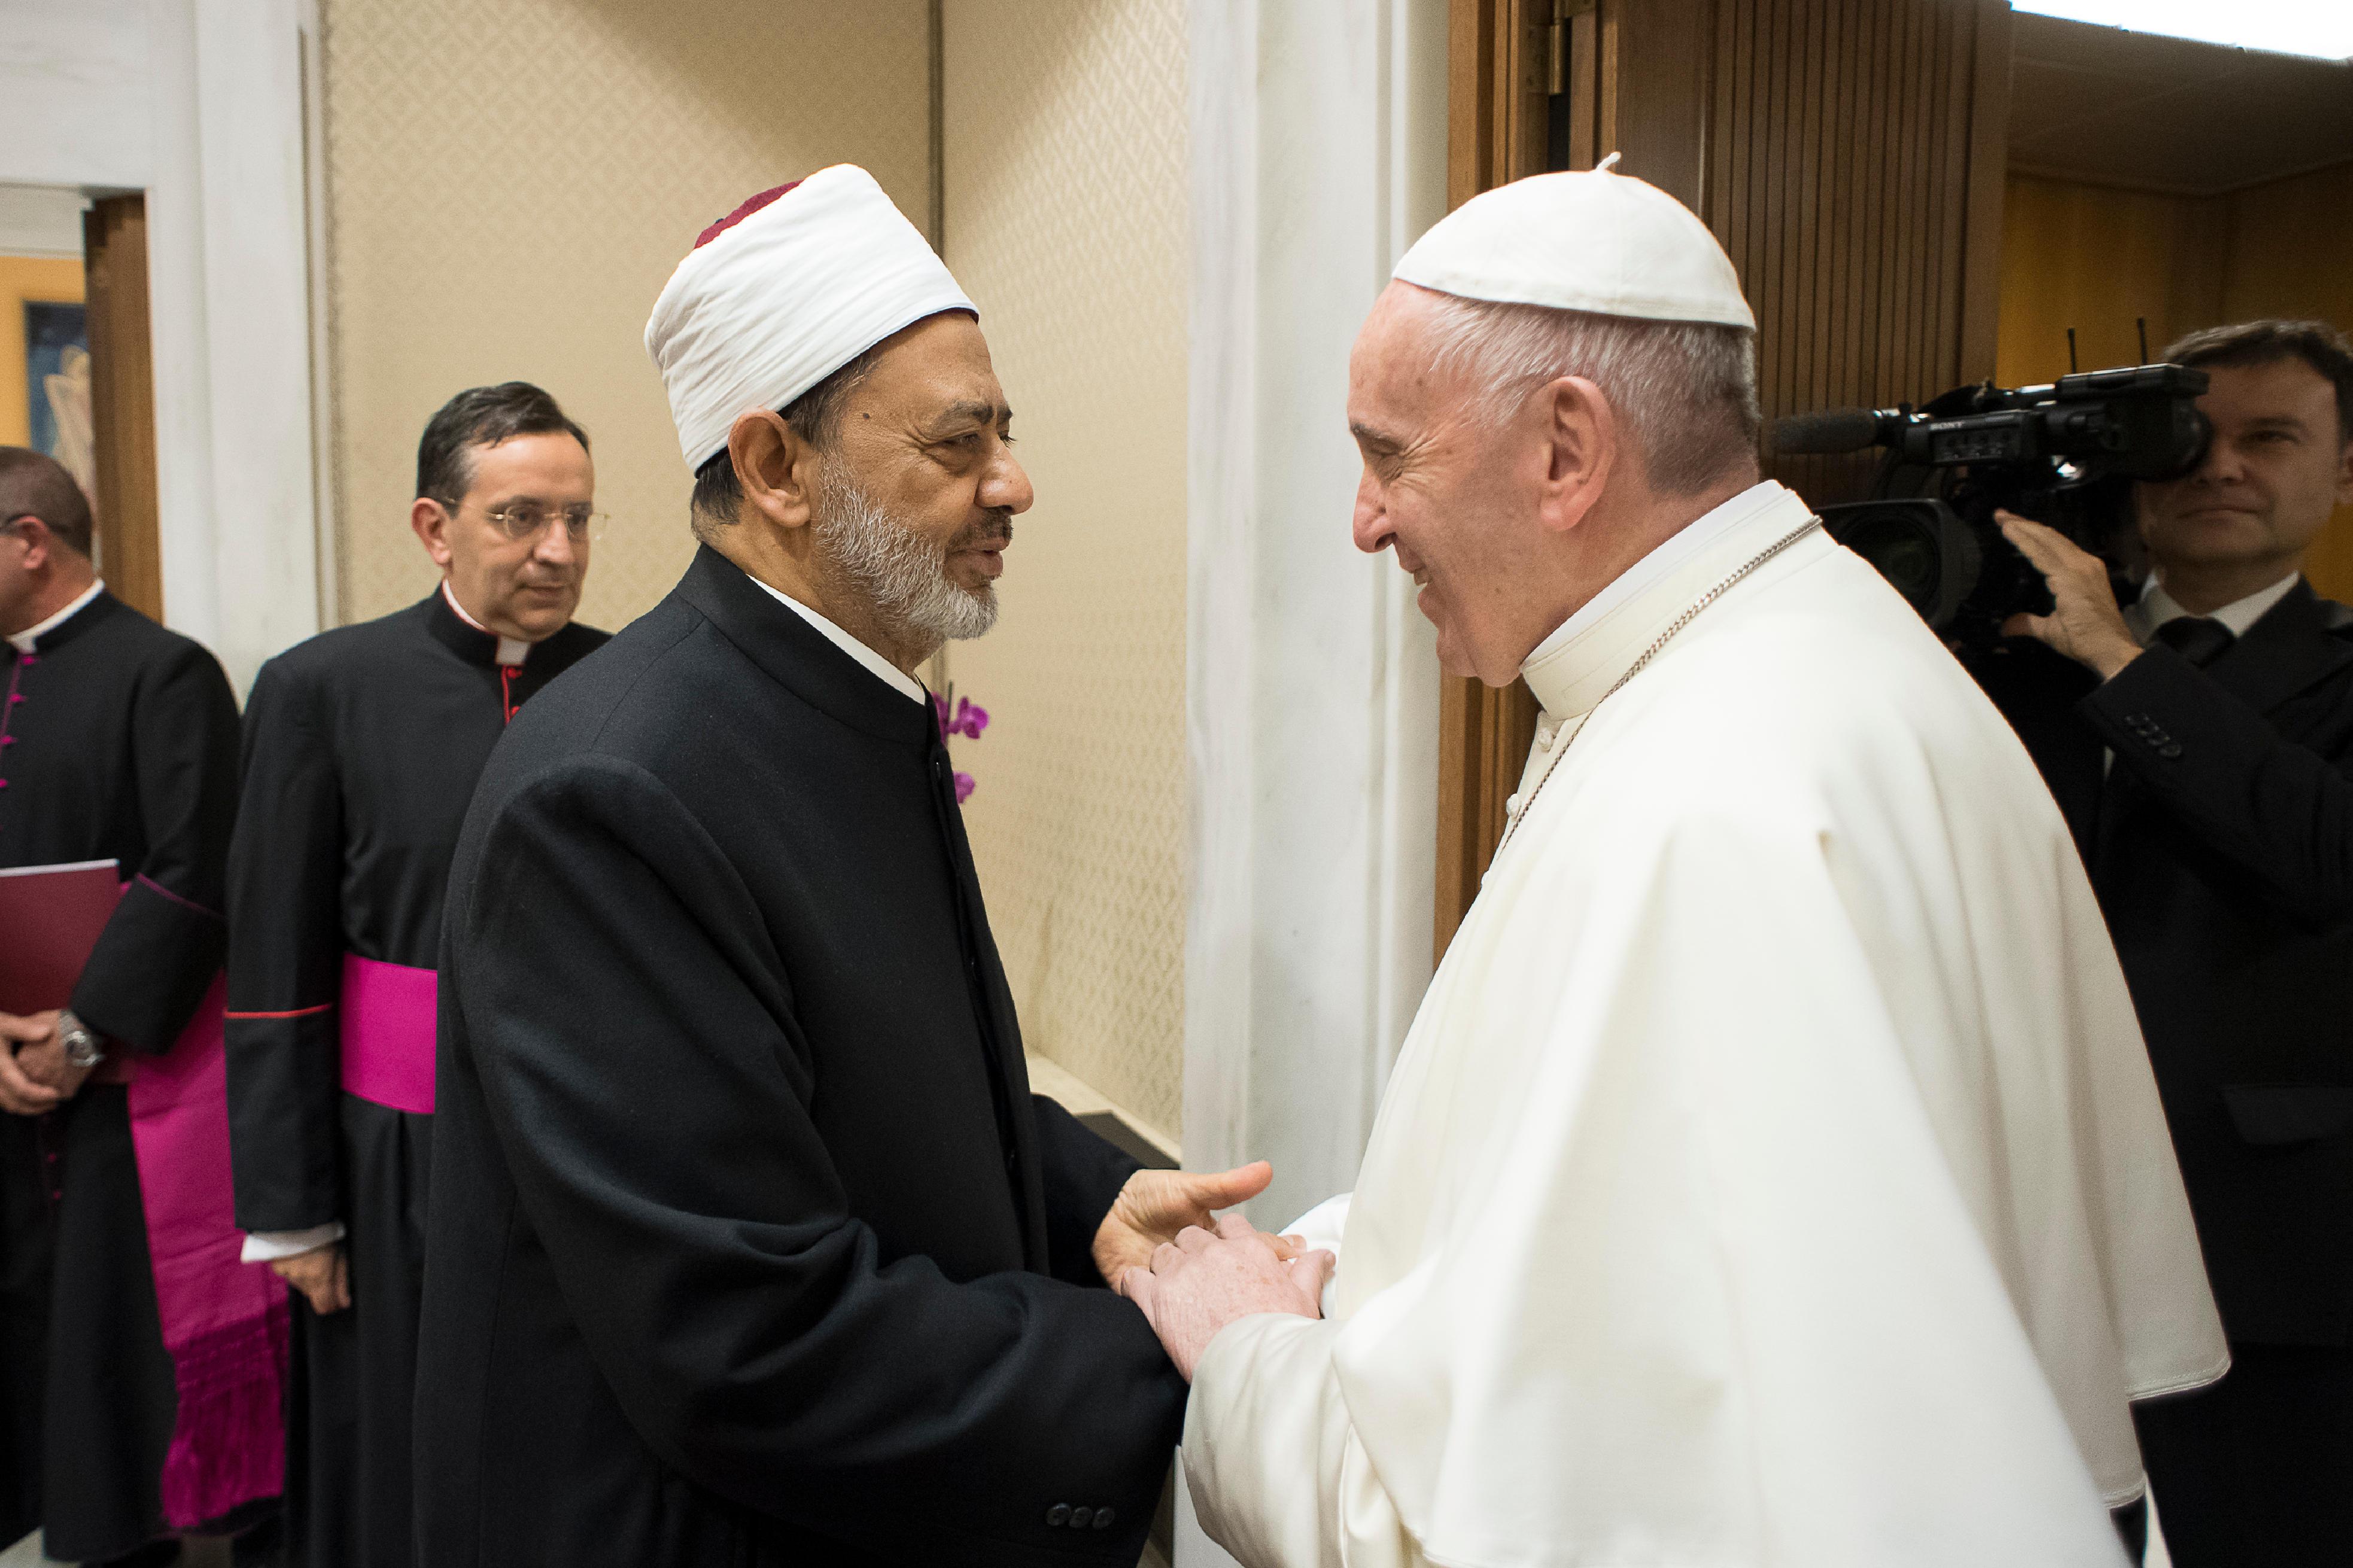 Le grand imam Al-Tayeb 07/11/2017 © L'Osservatore Romano